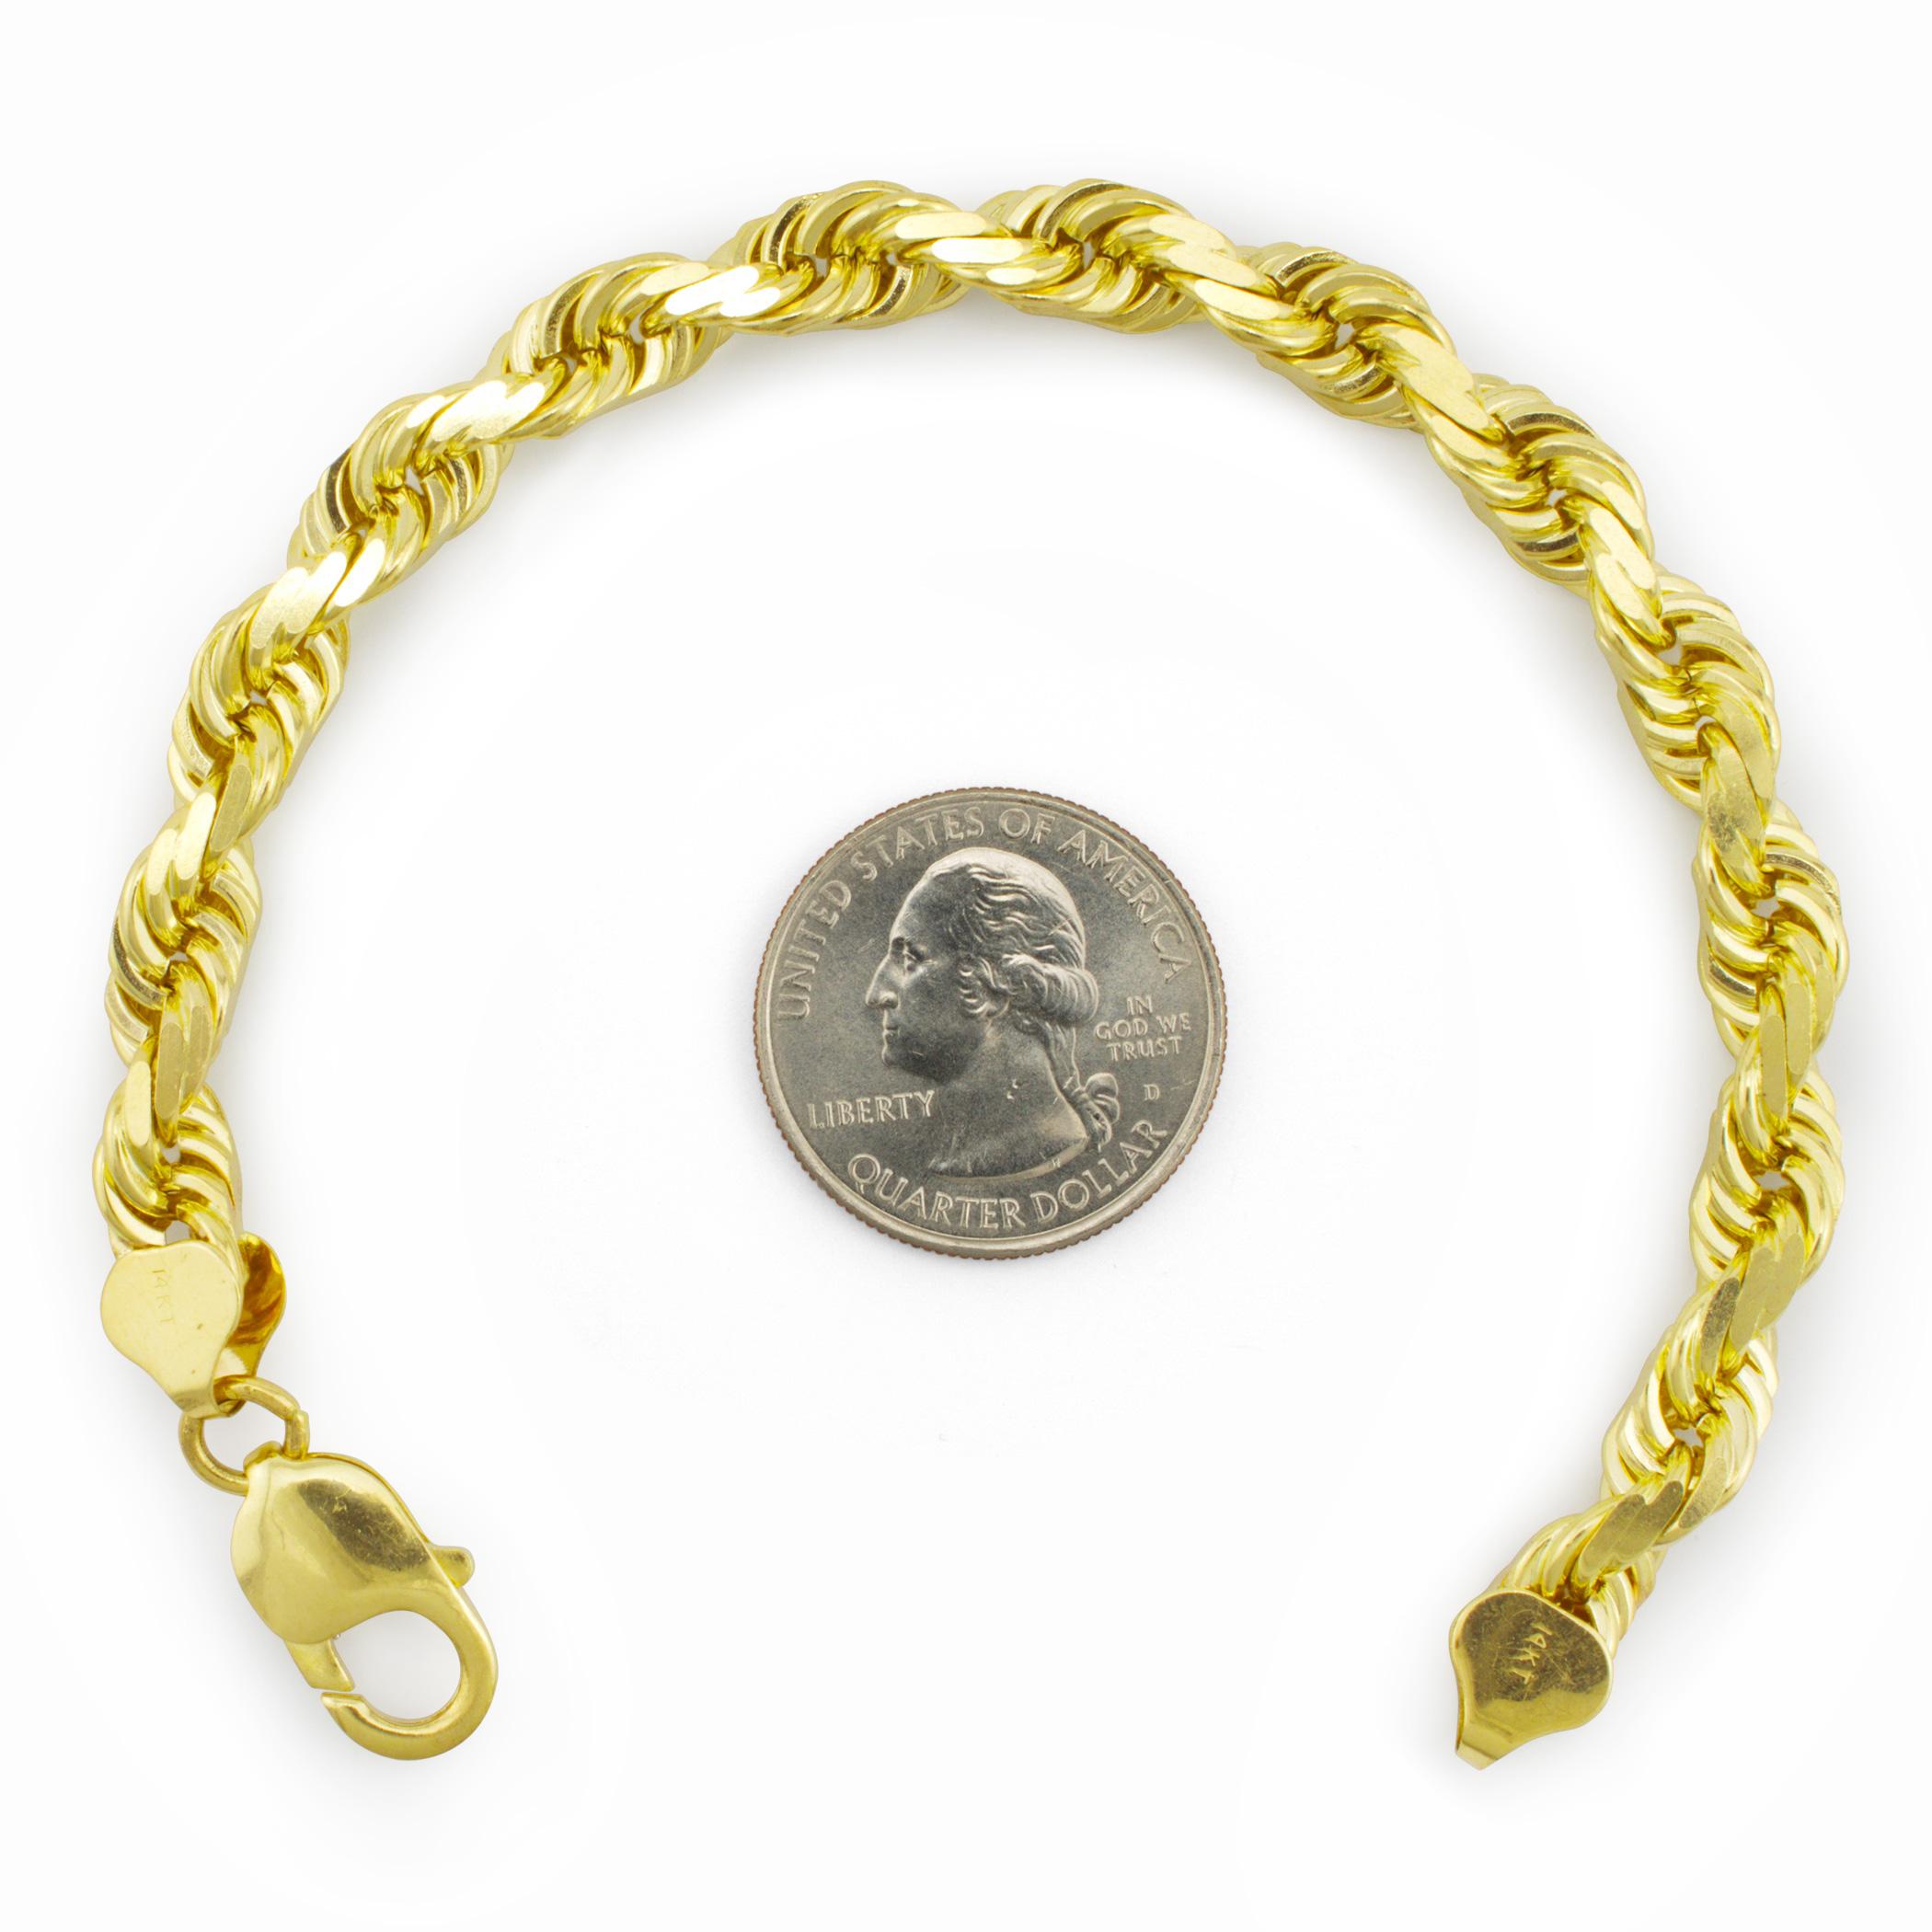 e2b30e05f3b2 14K Oro Amarillo Sólido 8mm Hombres Talla Diamante Soga Pulsera ...